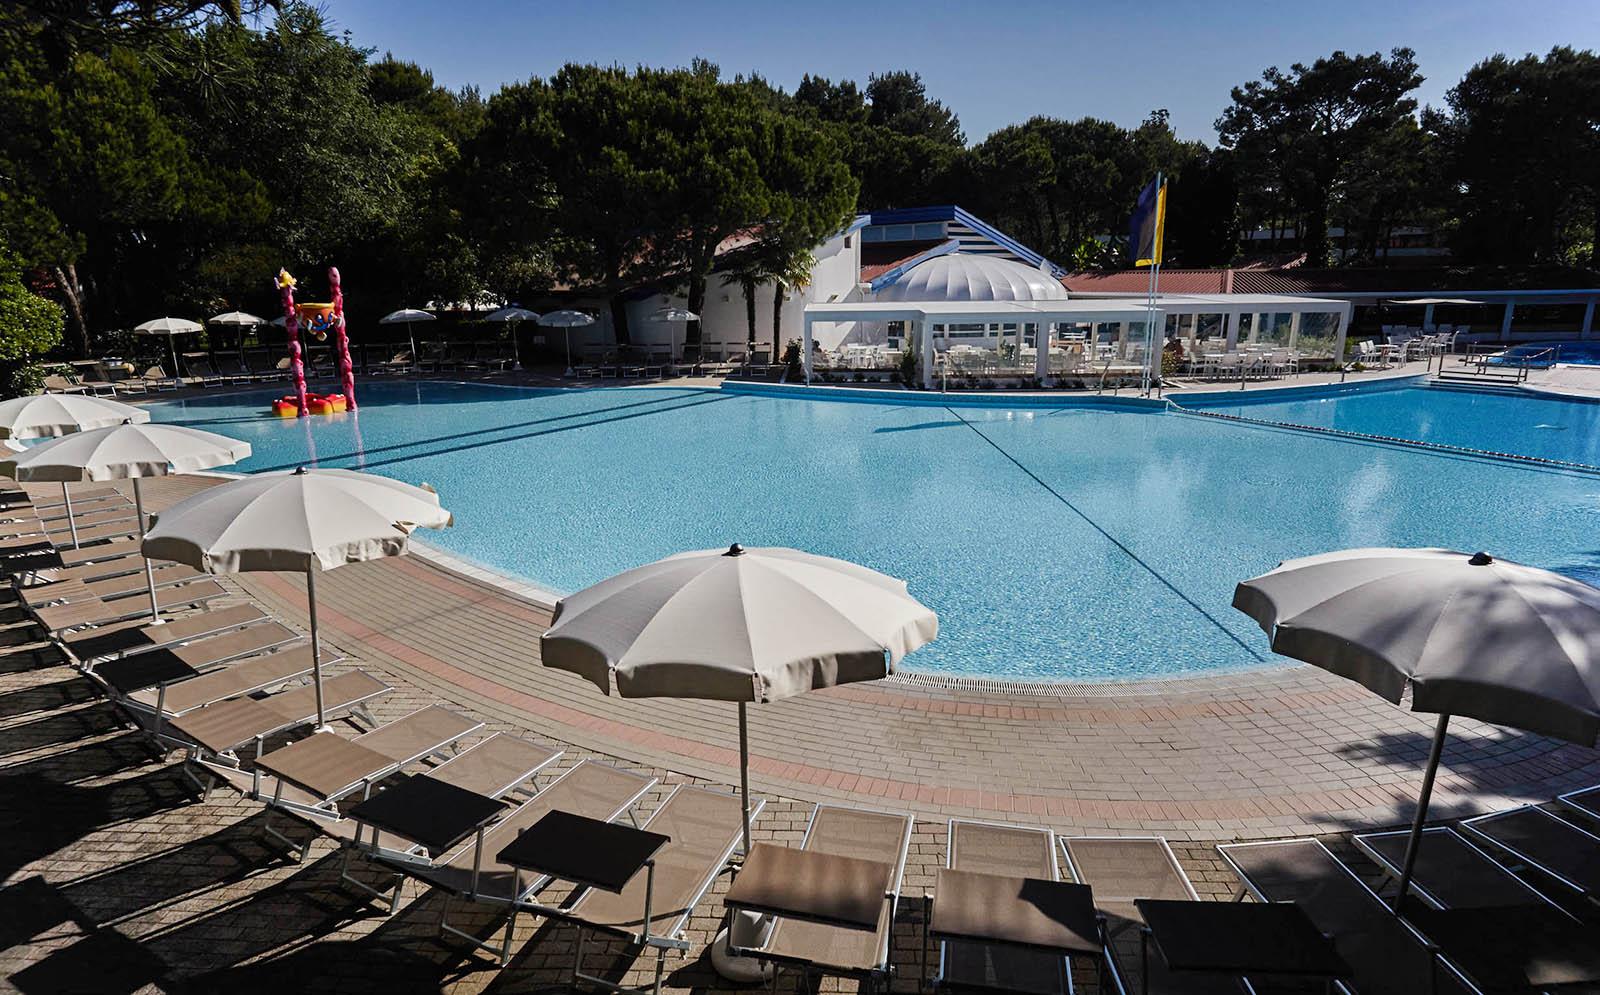 6-Campingplatz-mit-schwimmbad-Cavallino